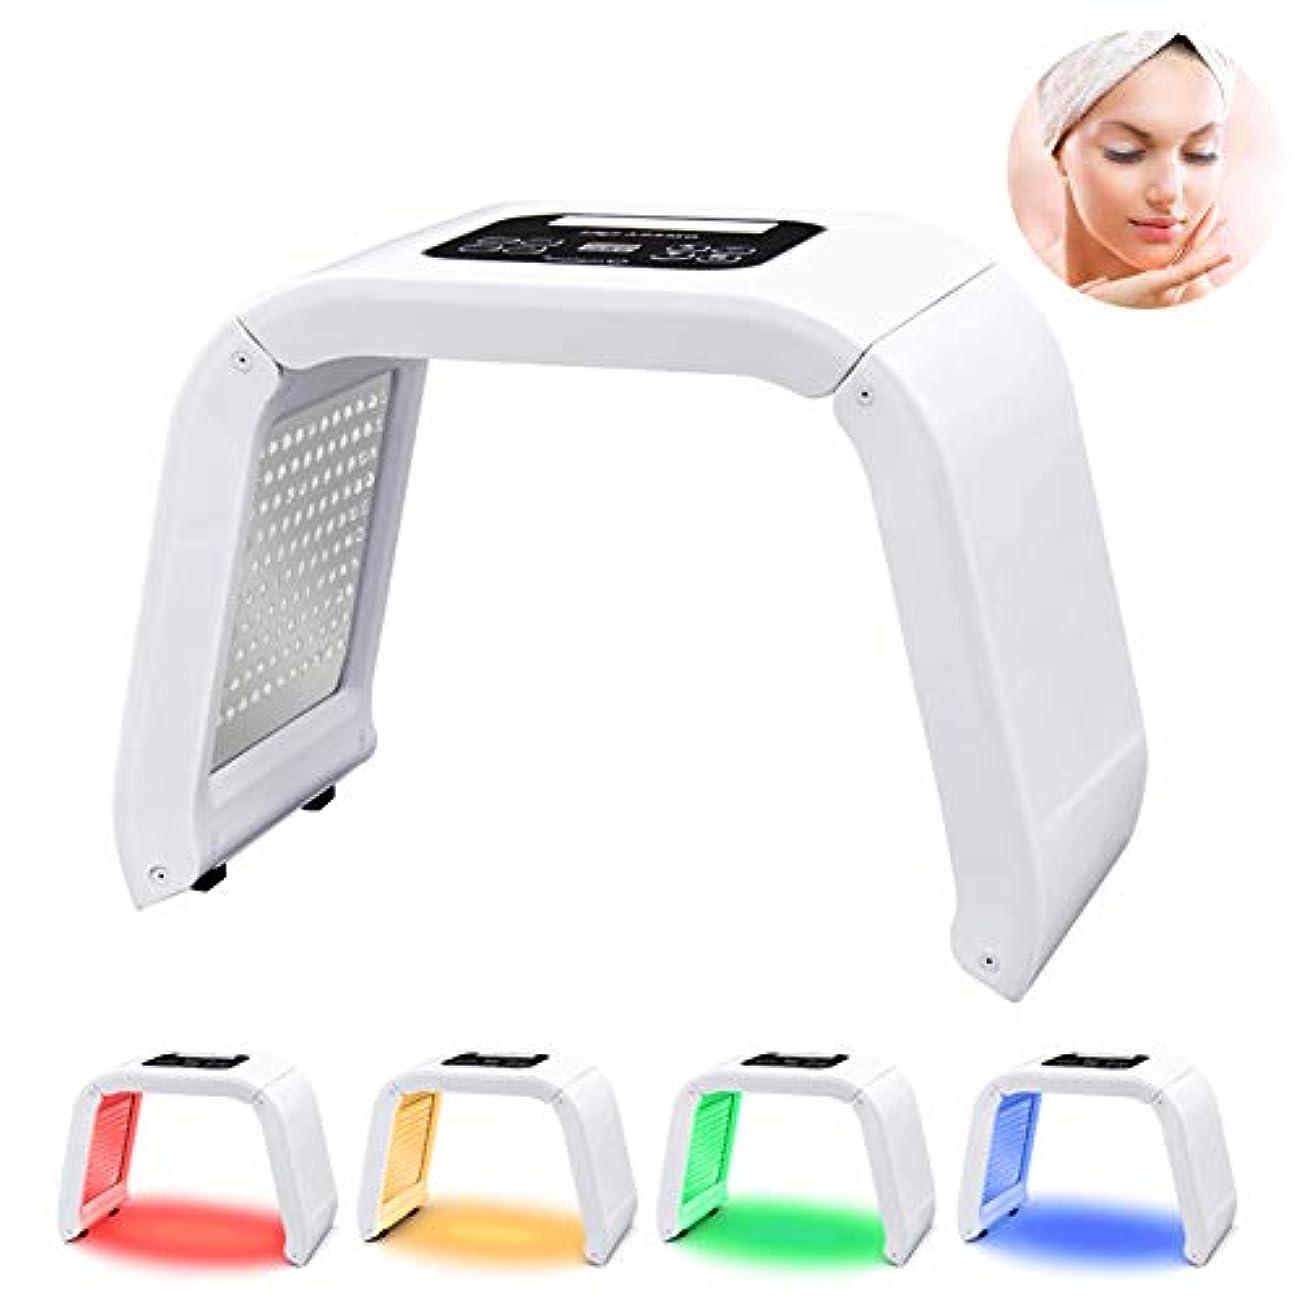 ワゴン推測デコードするPDT 4-In-1 LEDライト光線療法電気スキンケア美容装置家庭用多機能体の美容スキンケア分光器のマシン女性のための完璧なギフト